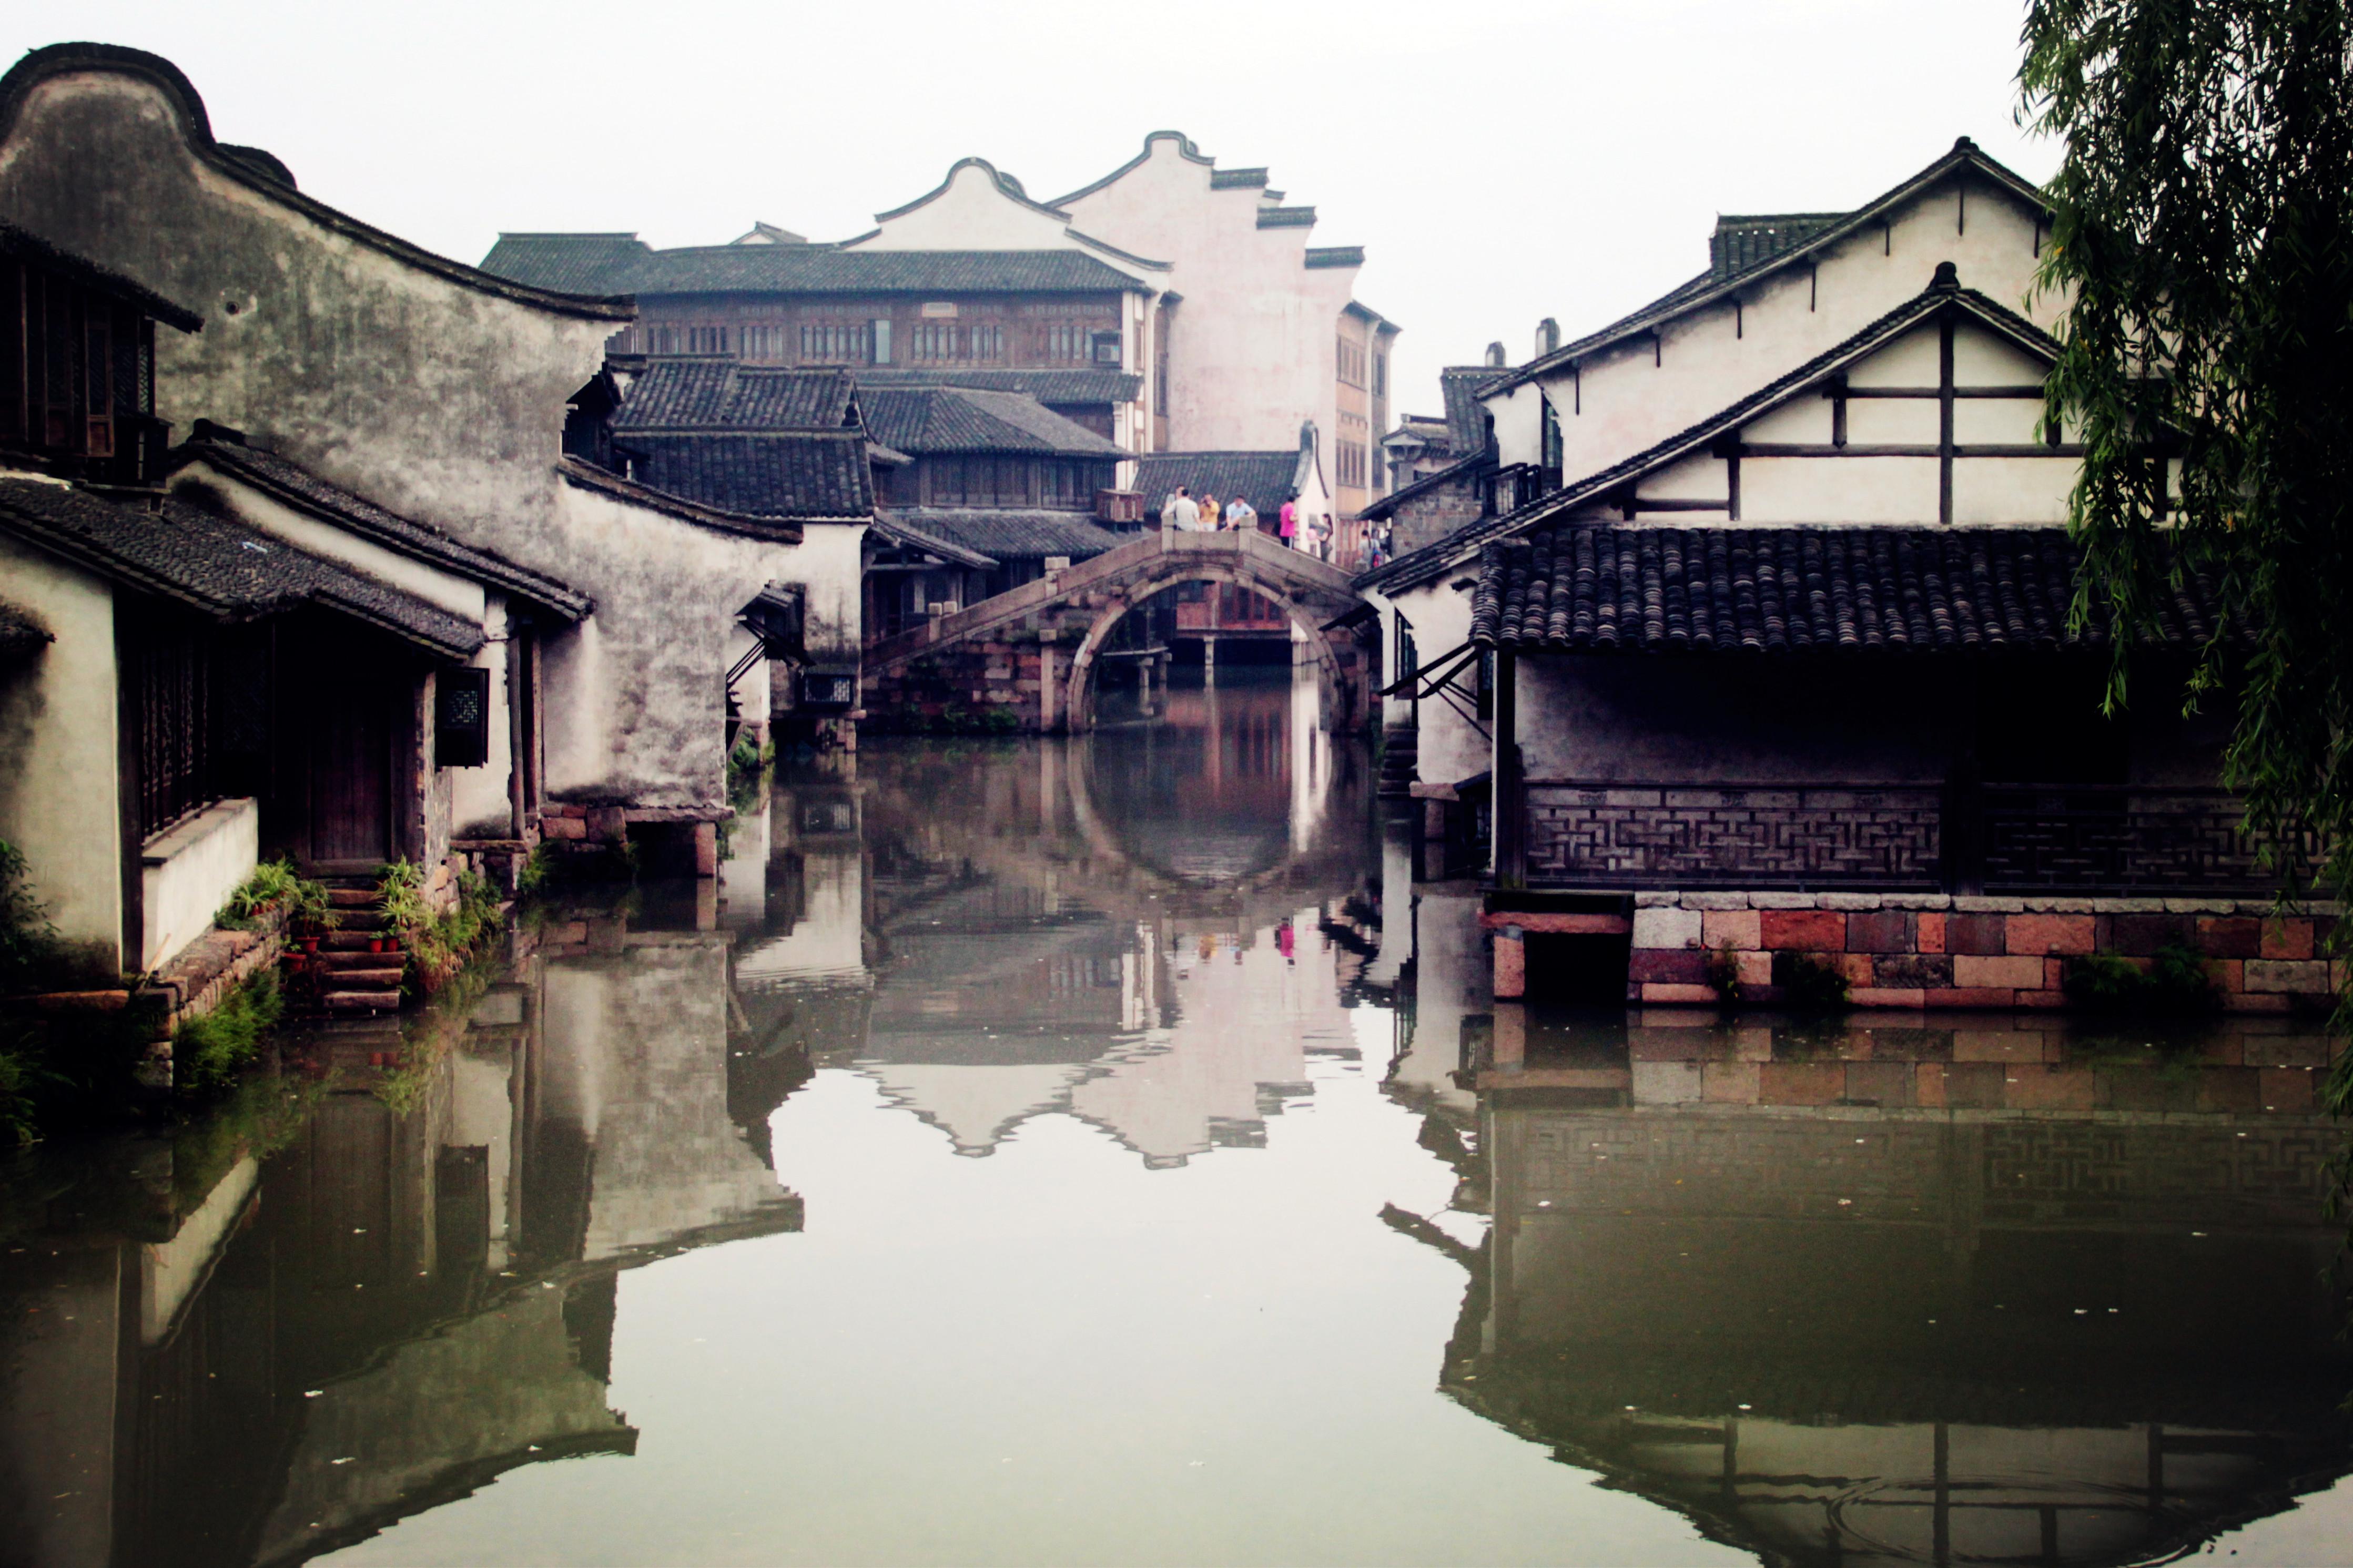 苏州留园虎丘-乌镇西栅-杭州西湖3日2晚半自助跟团游